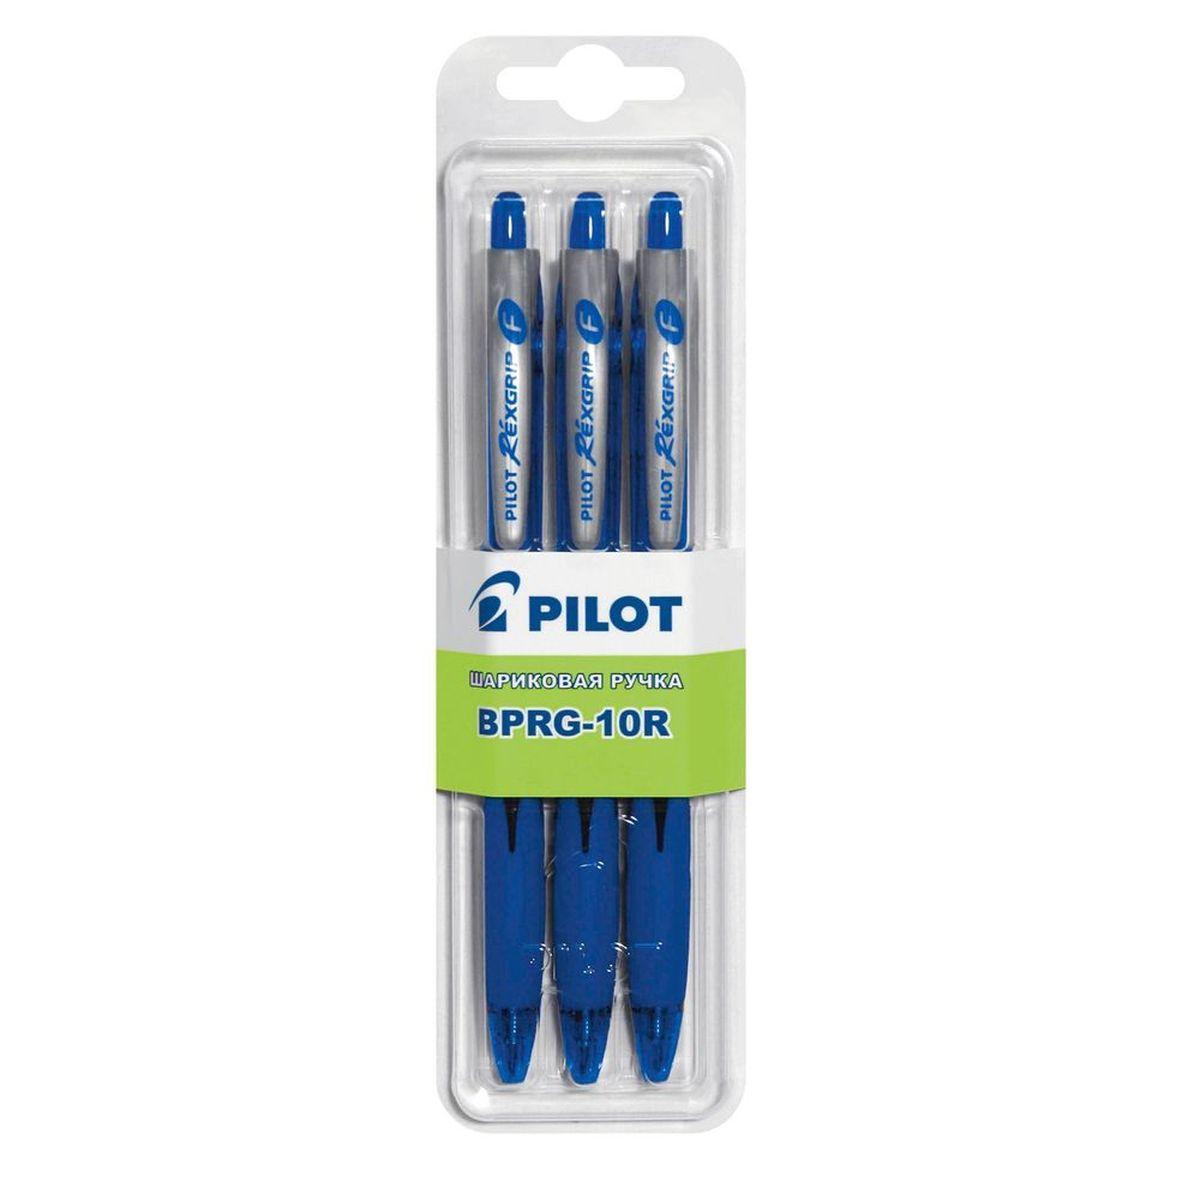 Pilot Набор шариковых ручек BPRG-10R цвет синий 3 шт pilot набор шариковых ручек bpgp 10r цвет синий 3 шт